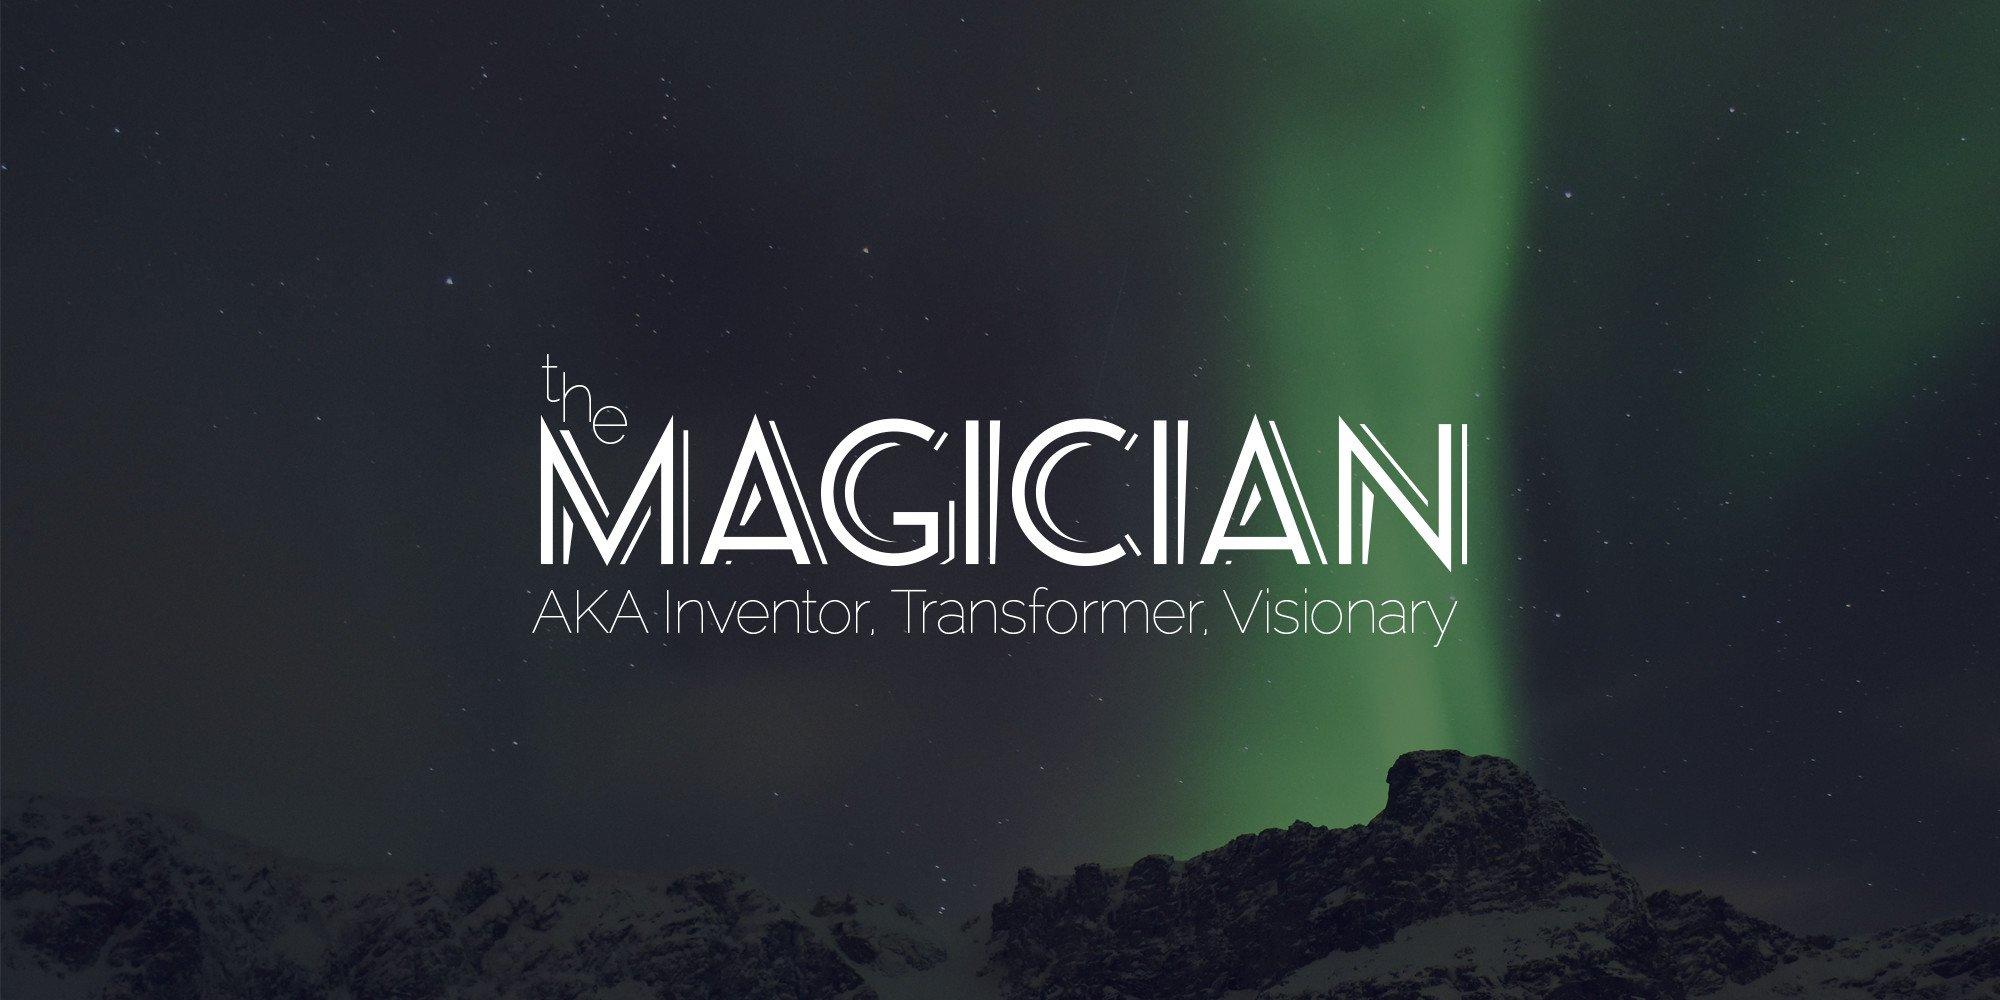 Magician Brandfluency Course